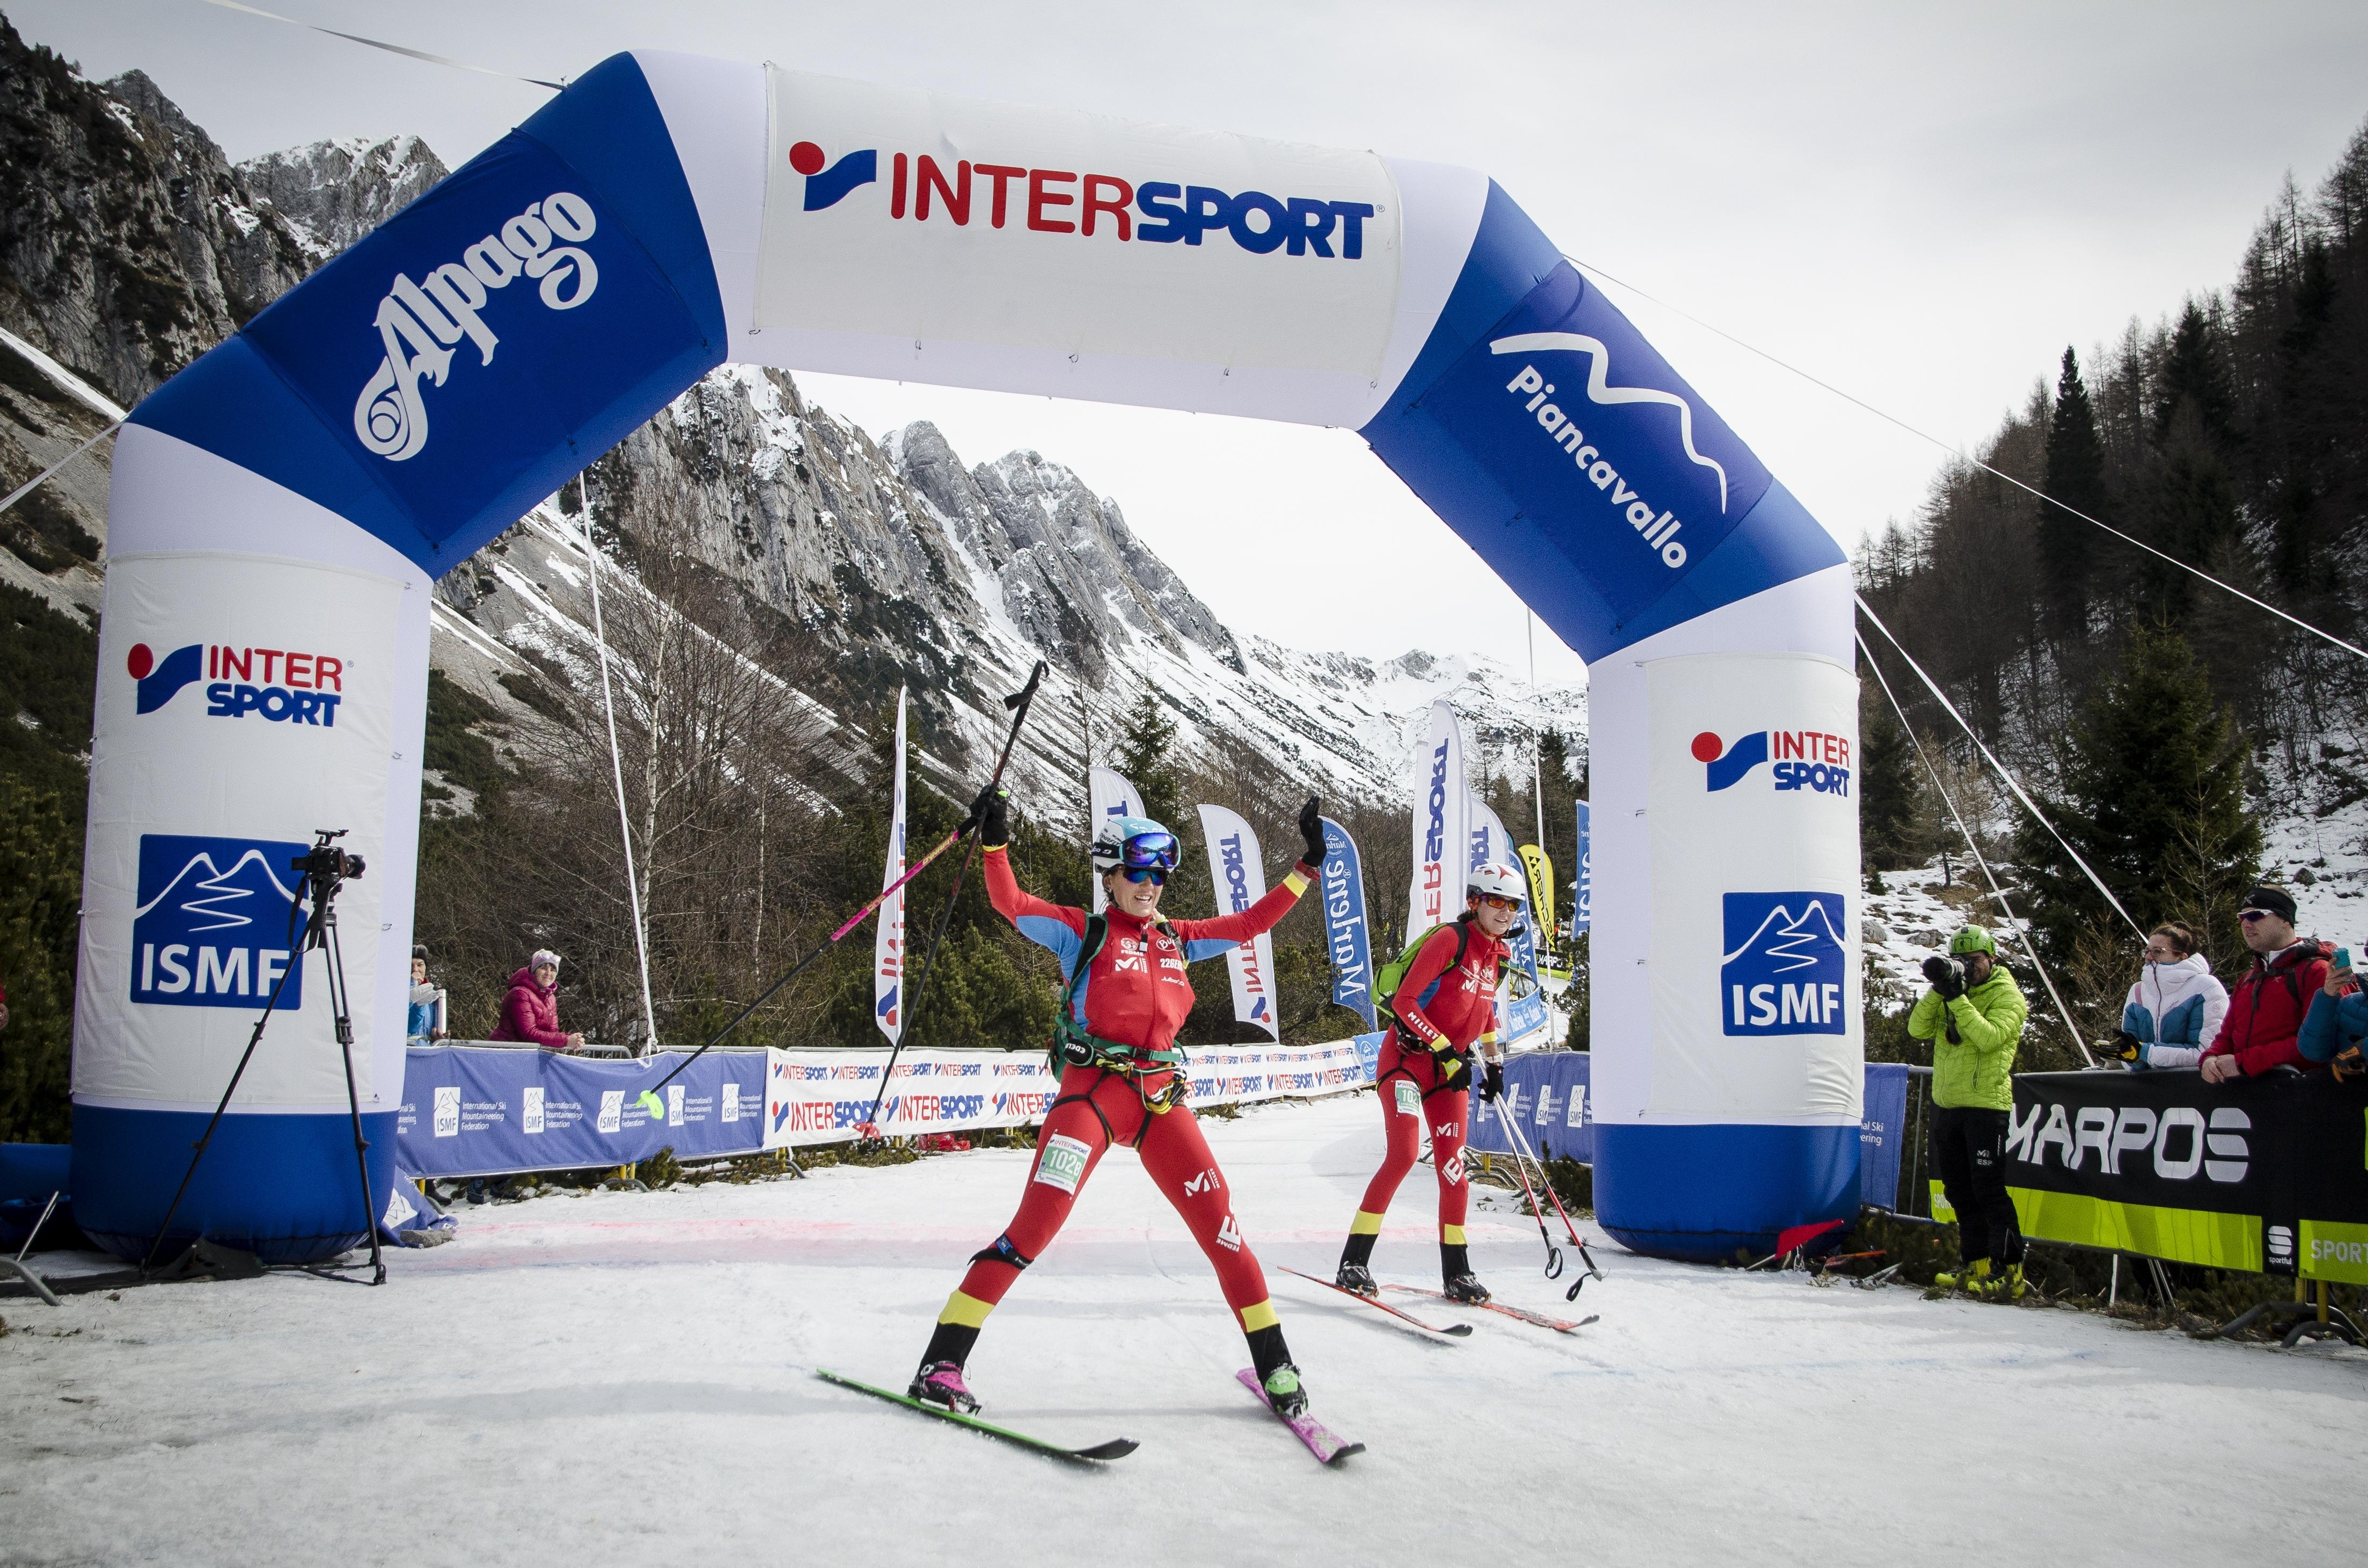 Clàudia Galícia i Mireia Miró, subcampiones del món d'esquí per equips